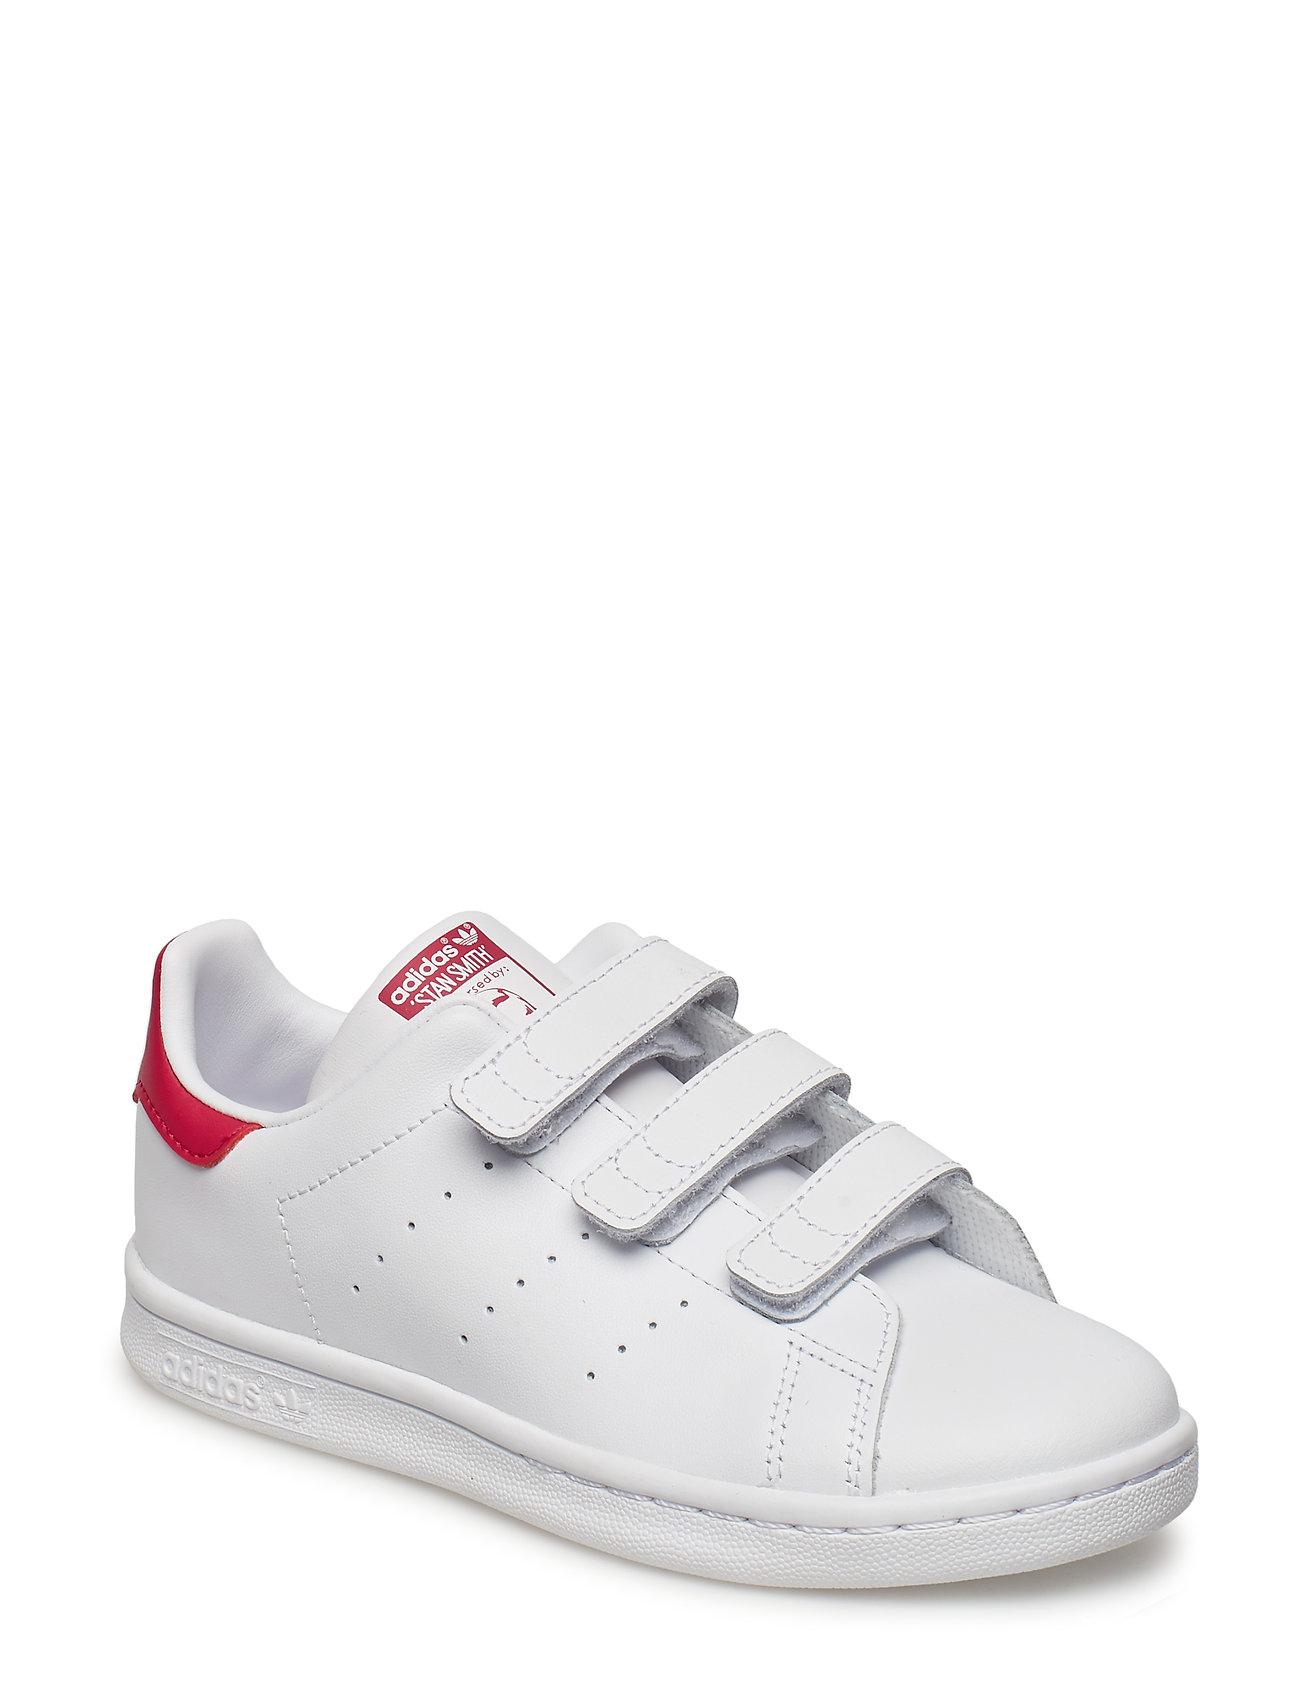 adidas Originals STAN SMITH CF C - FTWWHT/FTWWHT/BOPINK